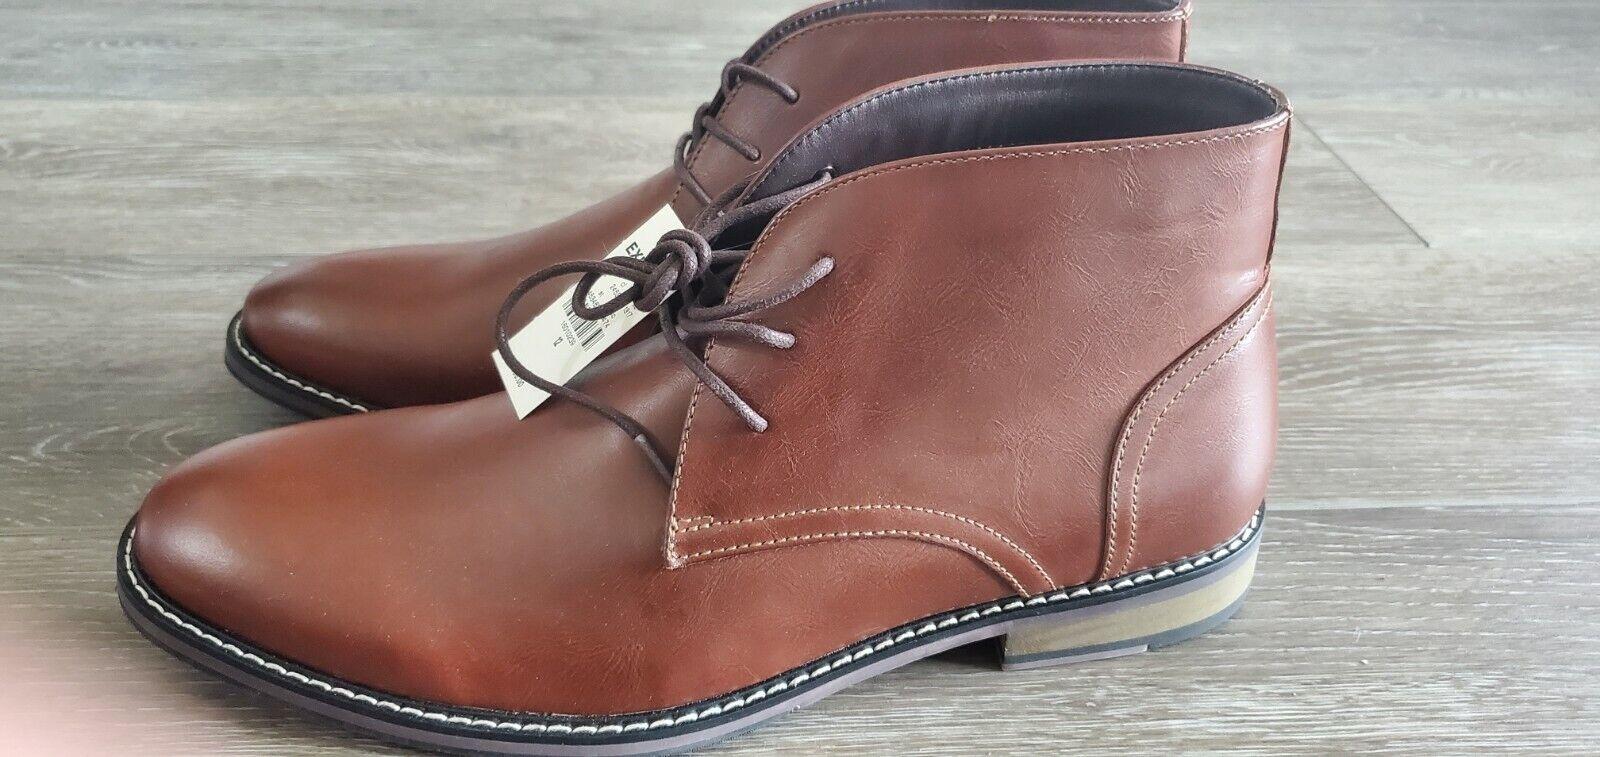 Express sautope Marronee Leather Dimensione 12 nuovo  Sautope classeiche da uomo